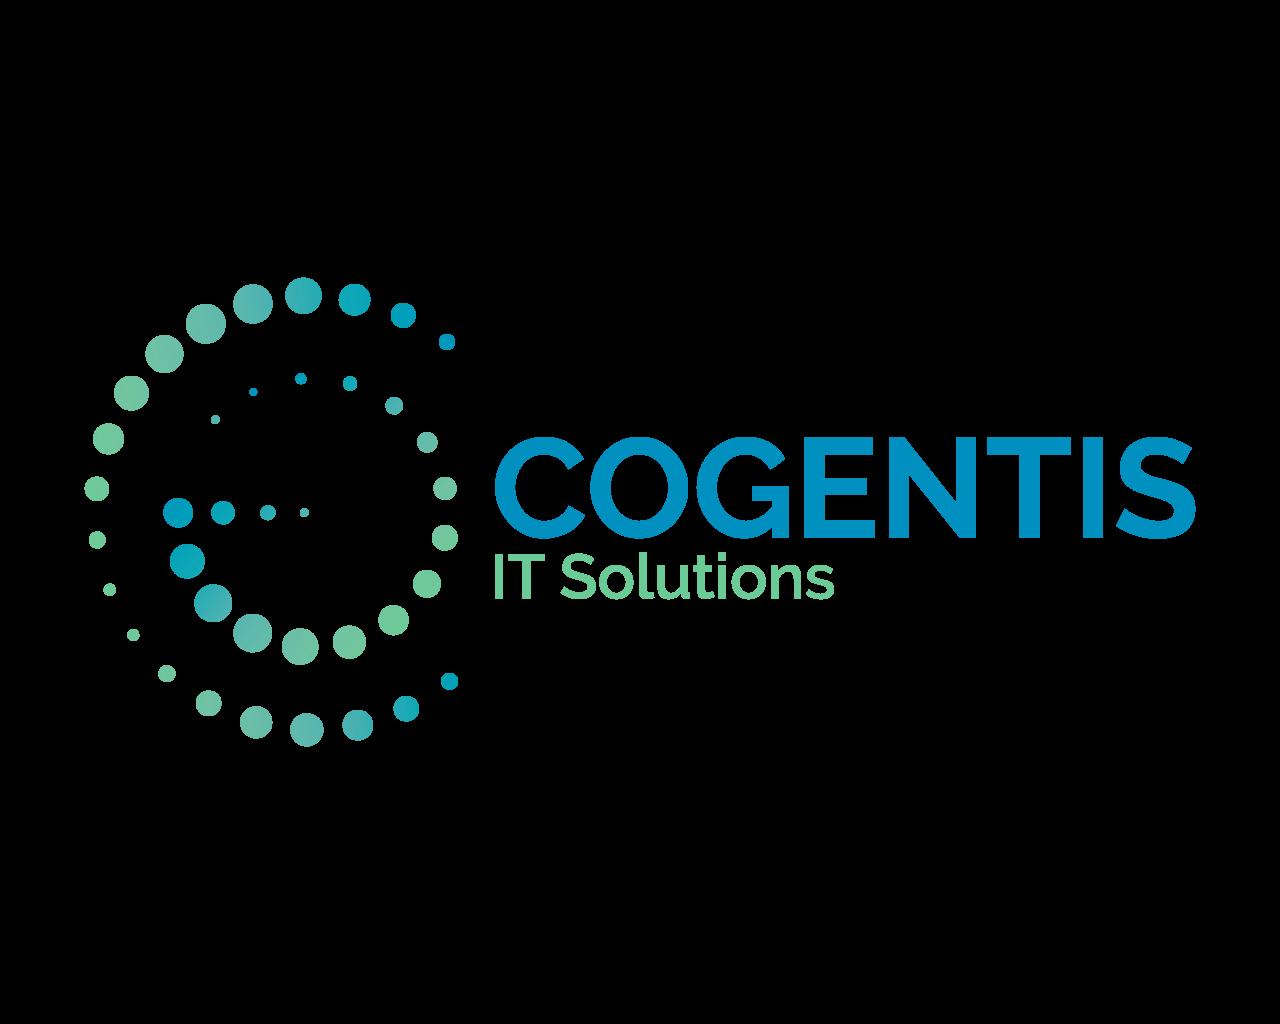 Cogentis